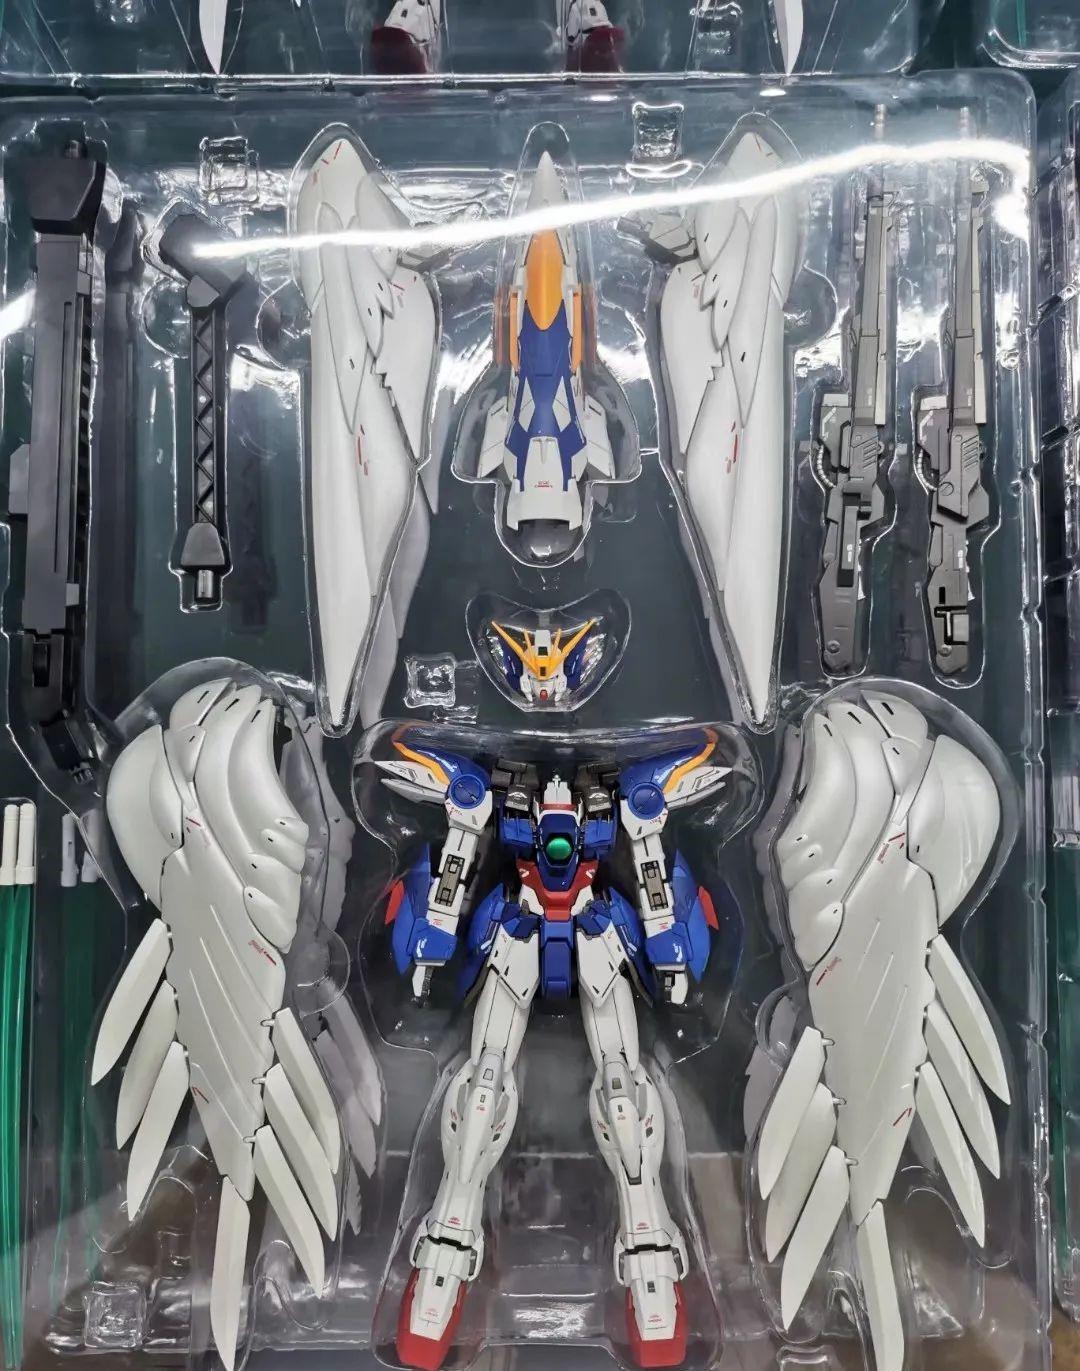 S610_navigator_MG_wingzero2_002.jpeg